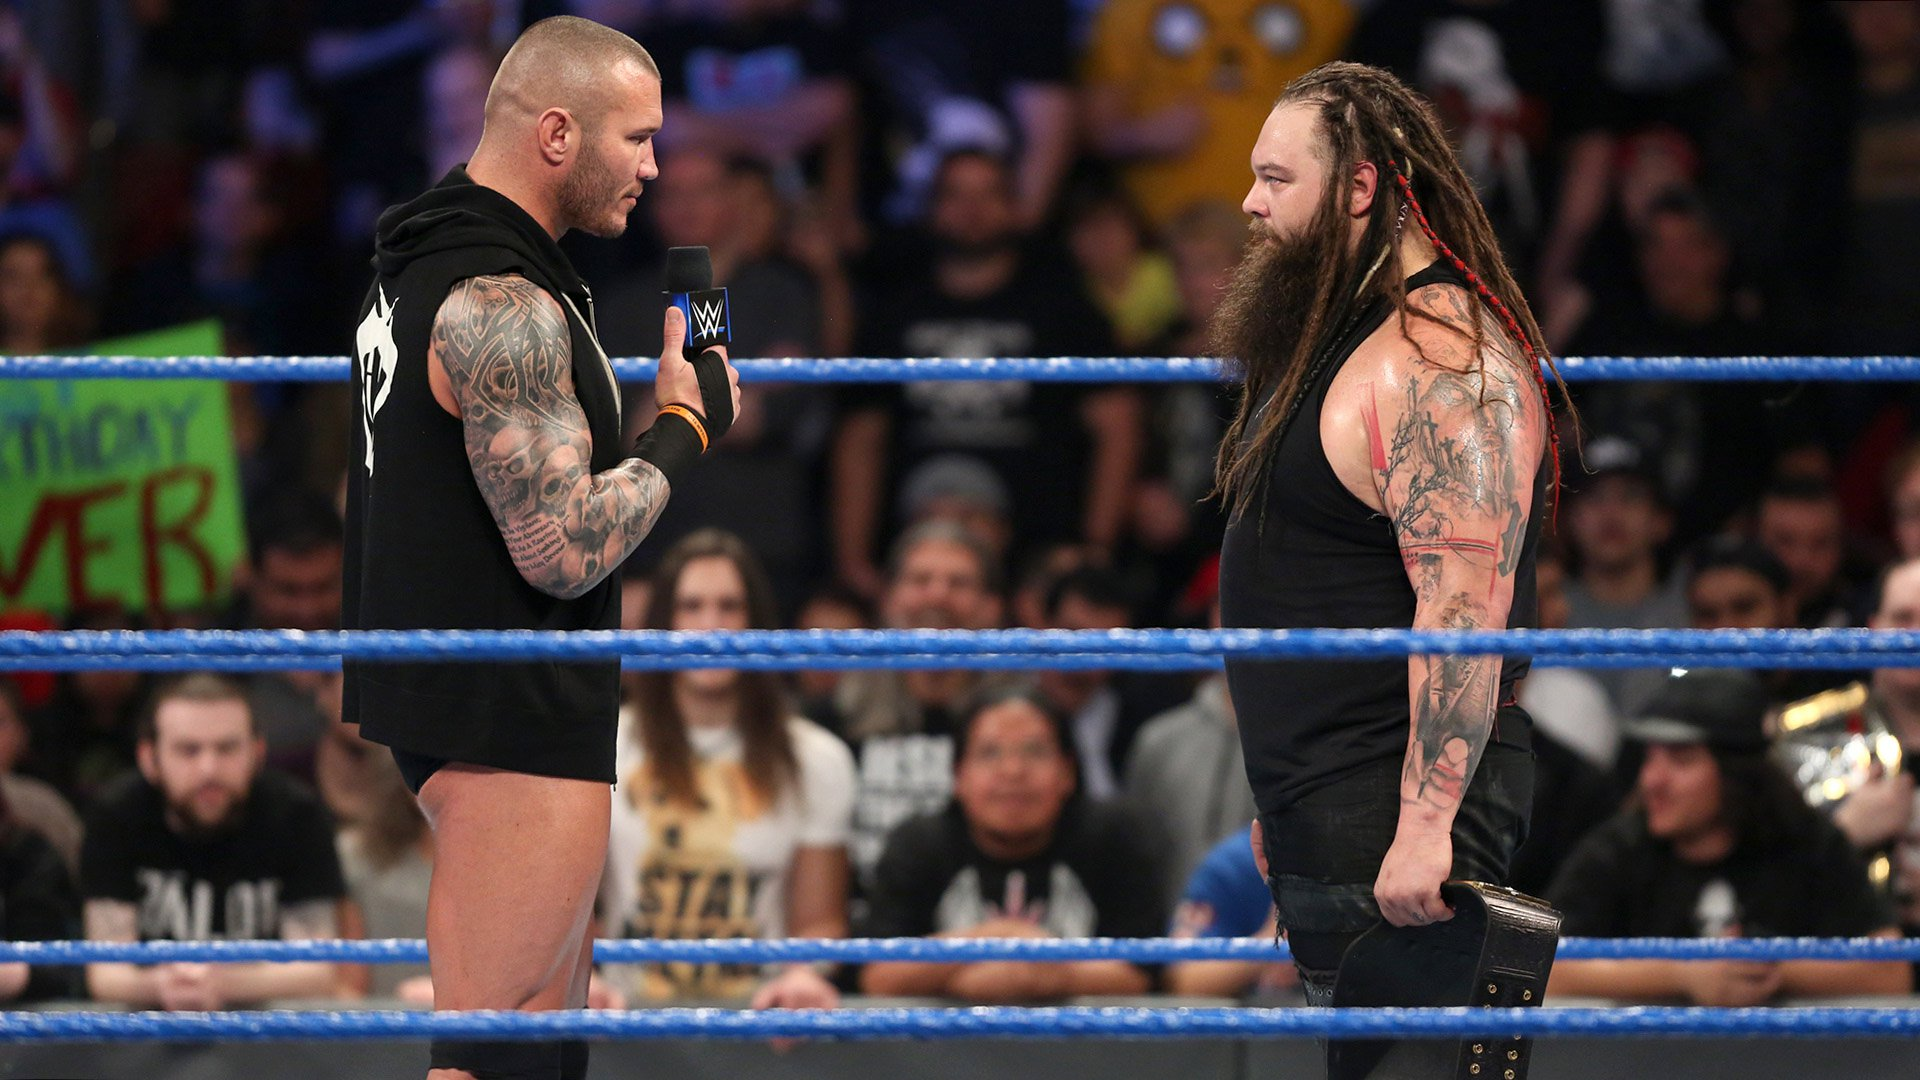 Randy Orton jure de ne pas se mesurer au Champion de la WWE Bray Wyatt dans la compétition de WrestleMania: SmackDown LIVE, 14 fév. 2017